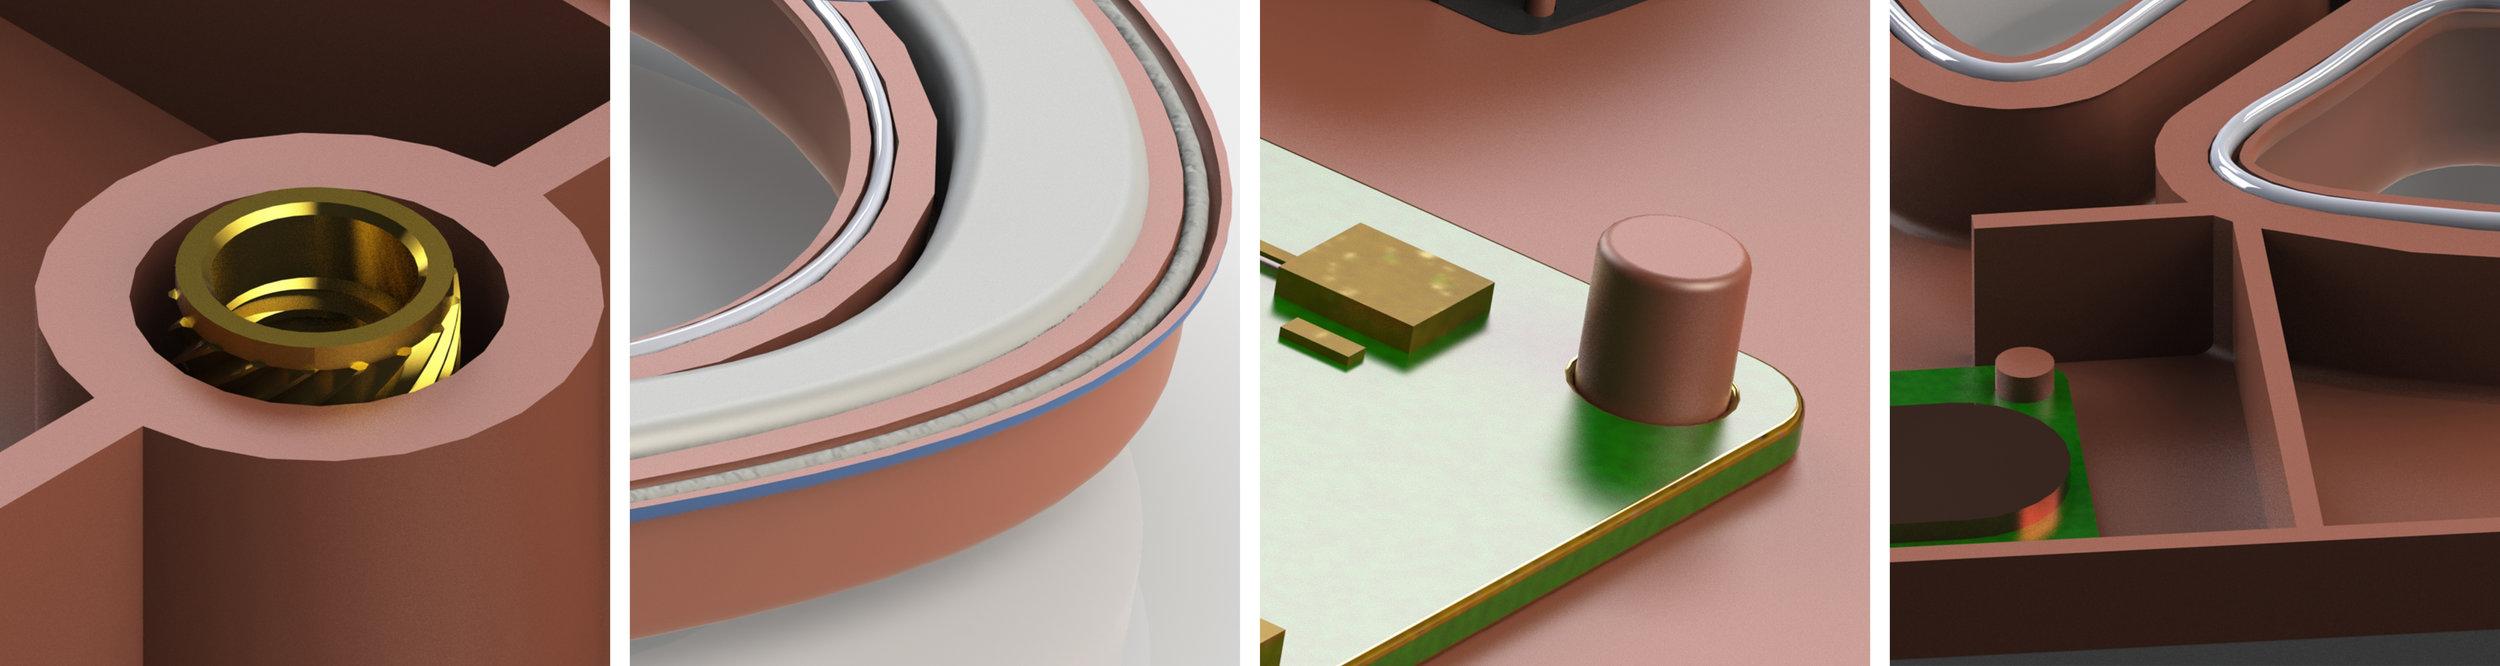 Manufacturing Detail Shots.jpg